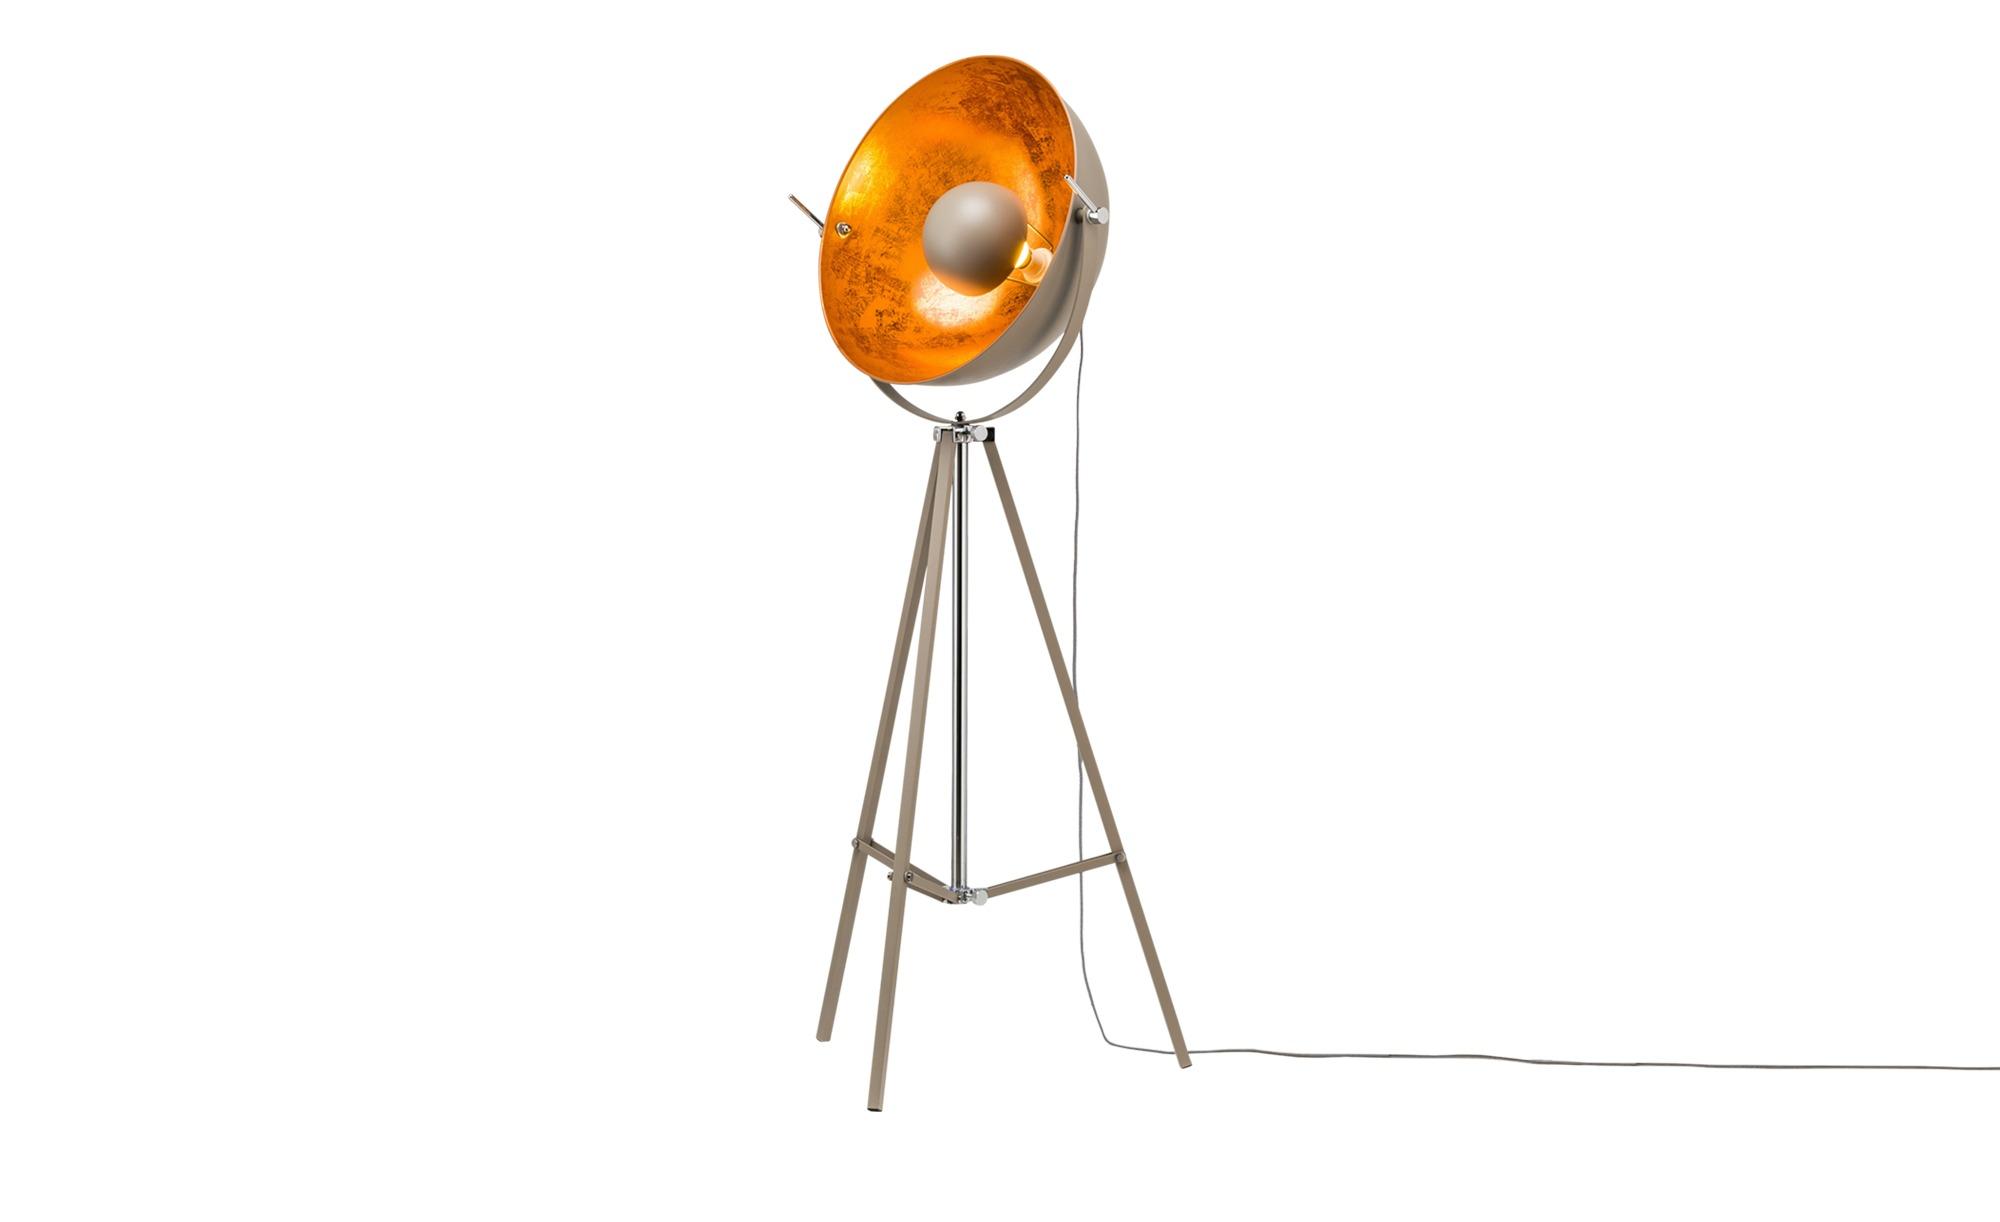 HOME STORY Stehleuchte im Studiolampen-Design, grau ¦ grau ¦ Maße (cm): B: 60 H: 166 Lampen & Leuchten > Innenleuchten > Stehlampen - Höffner